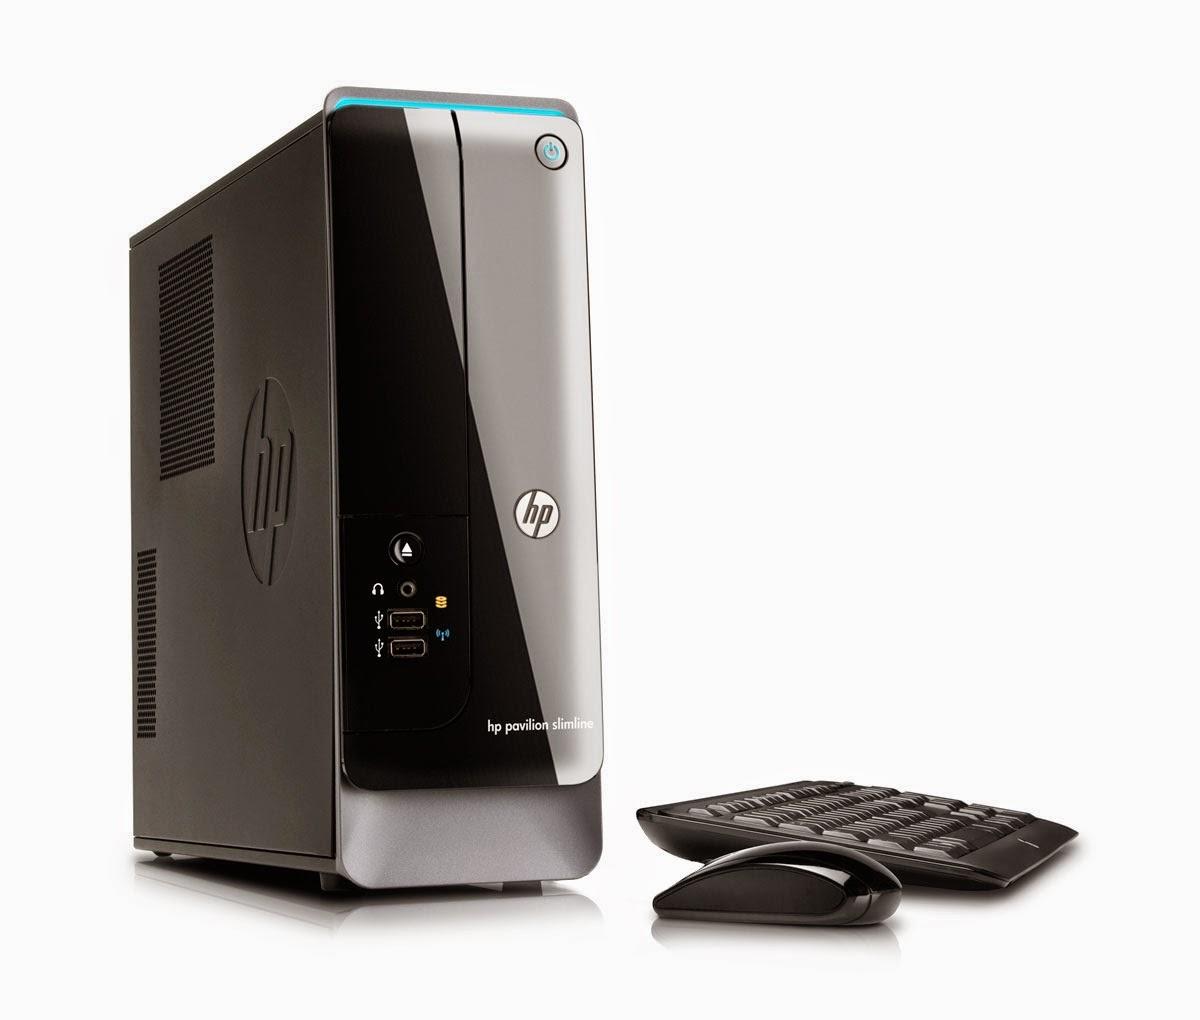 thekongblog death of desktop computers fugetaboutit. Black Bedroom Furniture Sets. Home Design Ideas